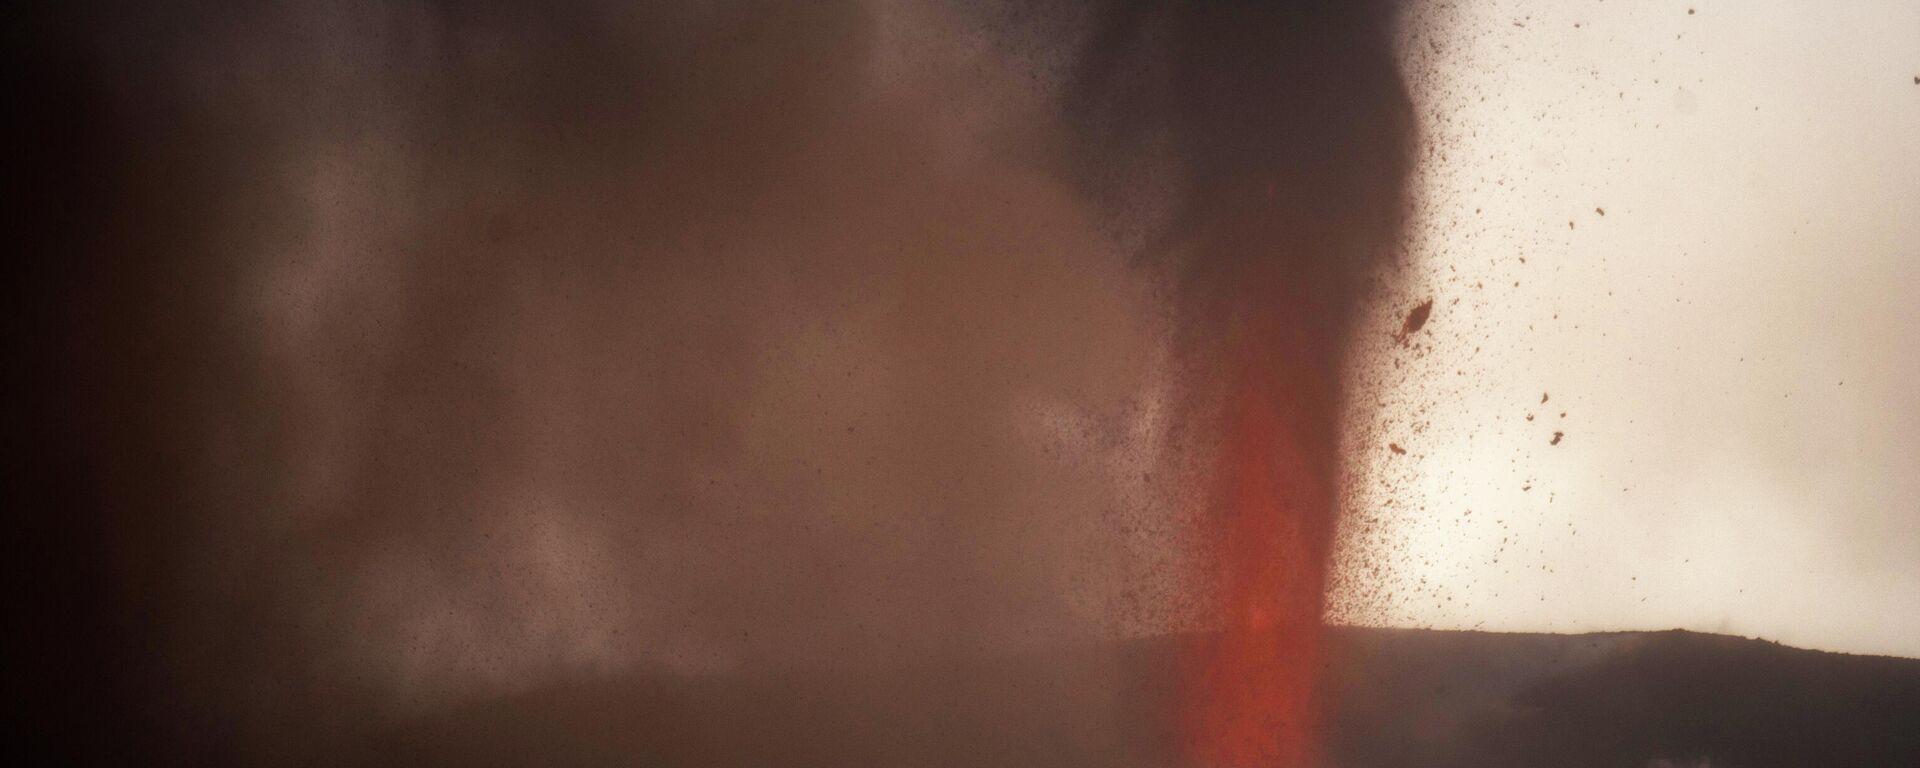 Erupción del volcán de Cumbre Vieja (La Palma) - Sputnik Mundo, 1920, 23.09.2021